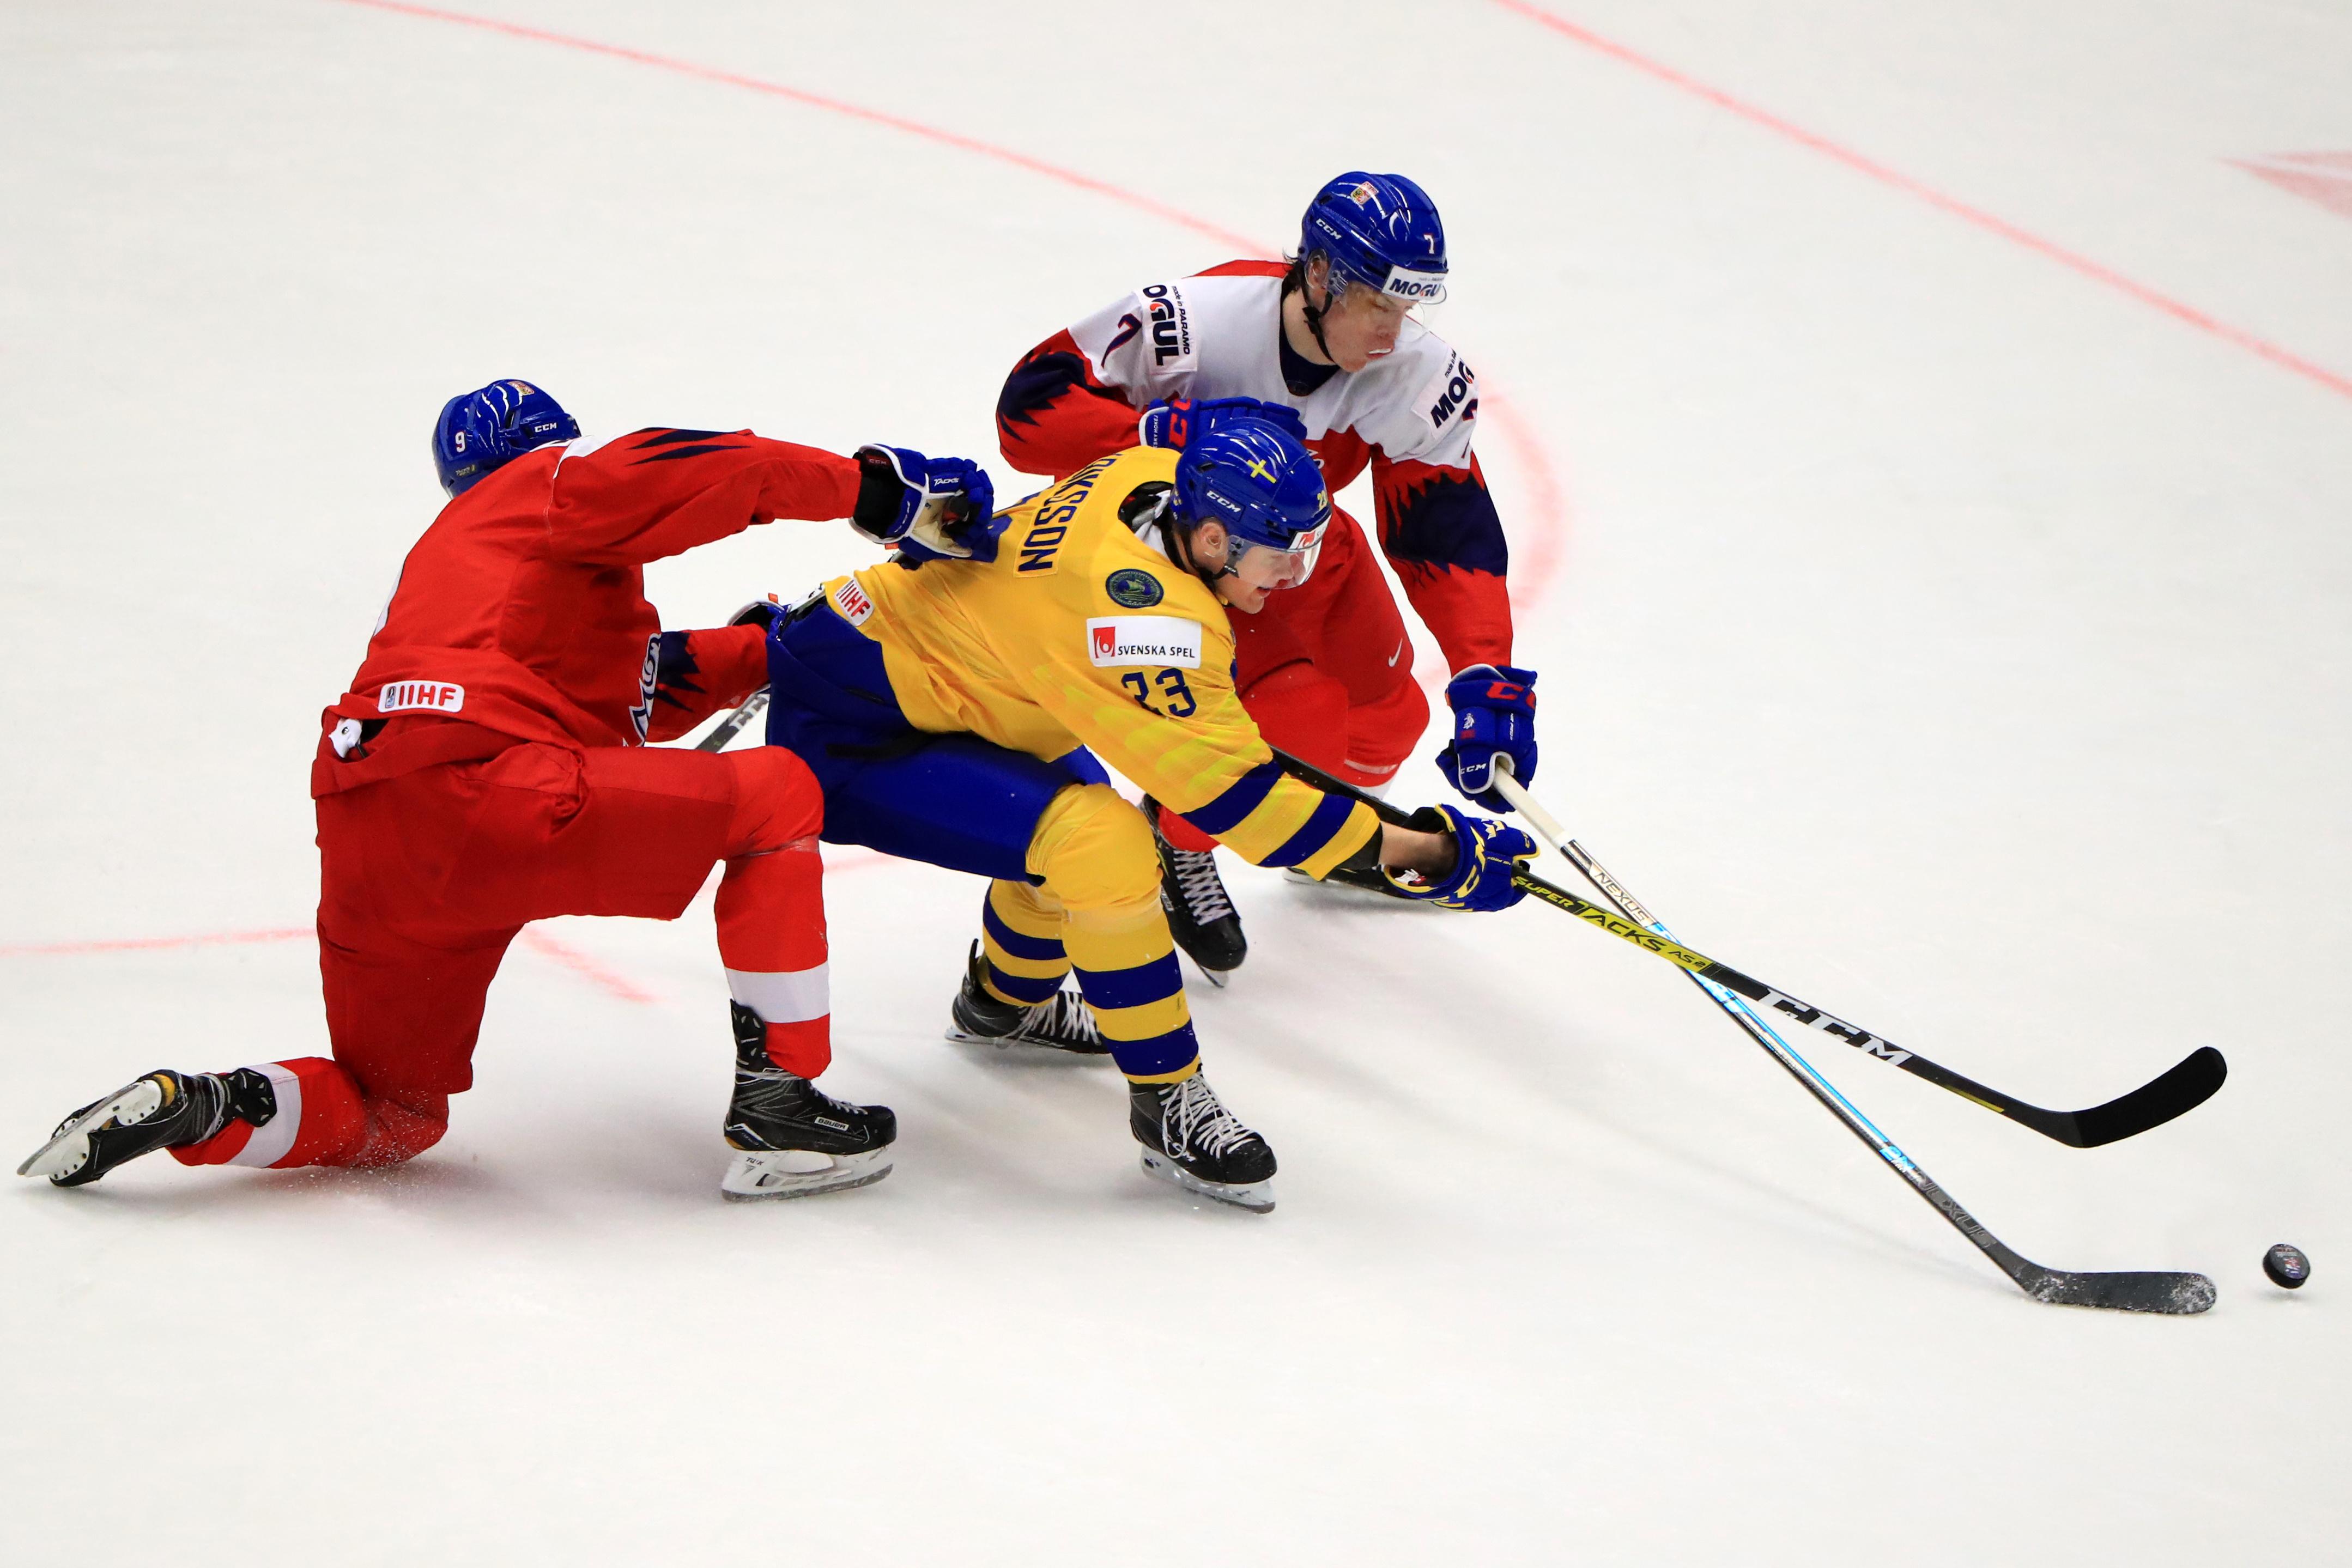 2020 IIHF World U20 Championship, quarter-finals: Sweden 5 - 0 Czech Republic